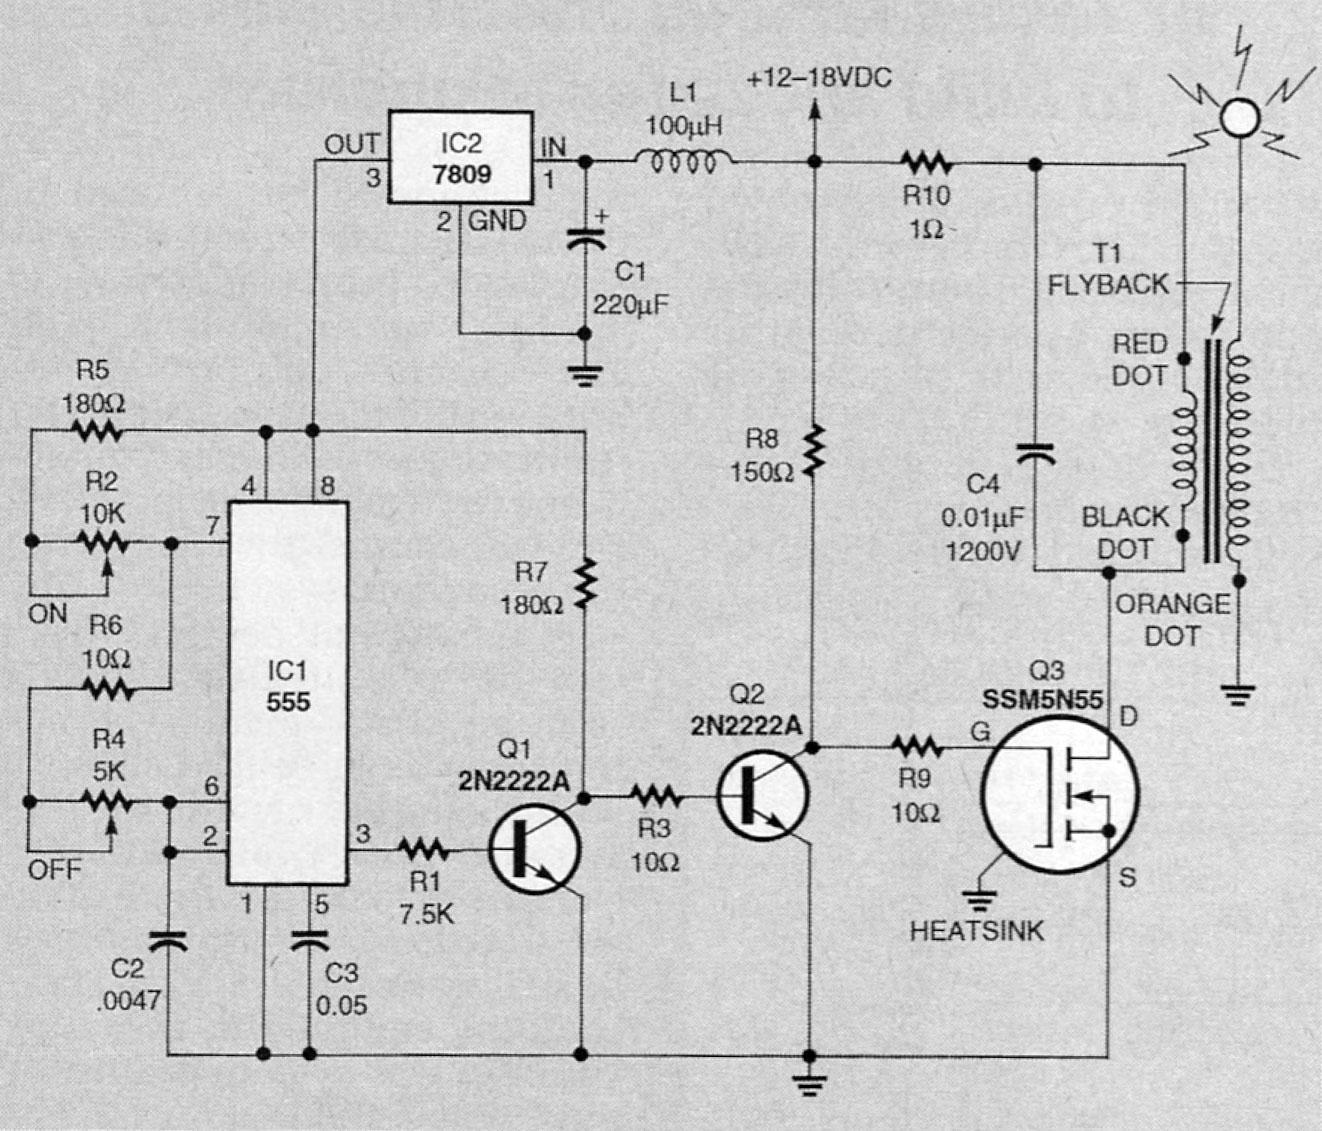 stun gun circuit diagram furthermore high voltage generator circuit coil gun diagram furthermore high voltage power supply schematic [ 1322 x 1131 Pixel ]